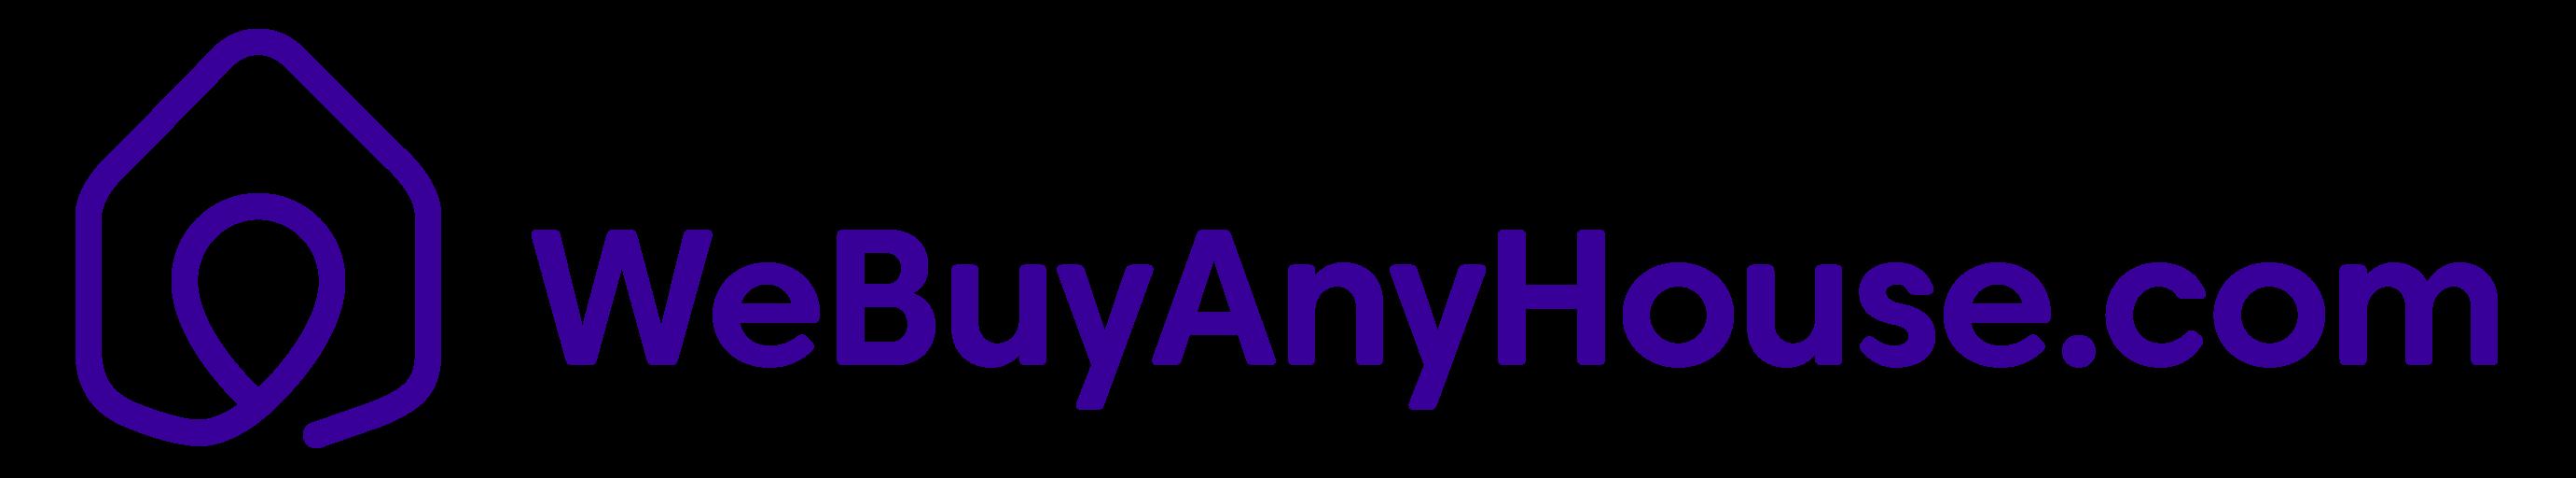 WeBuyAnyHouse.com